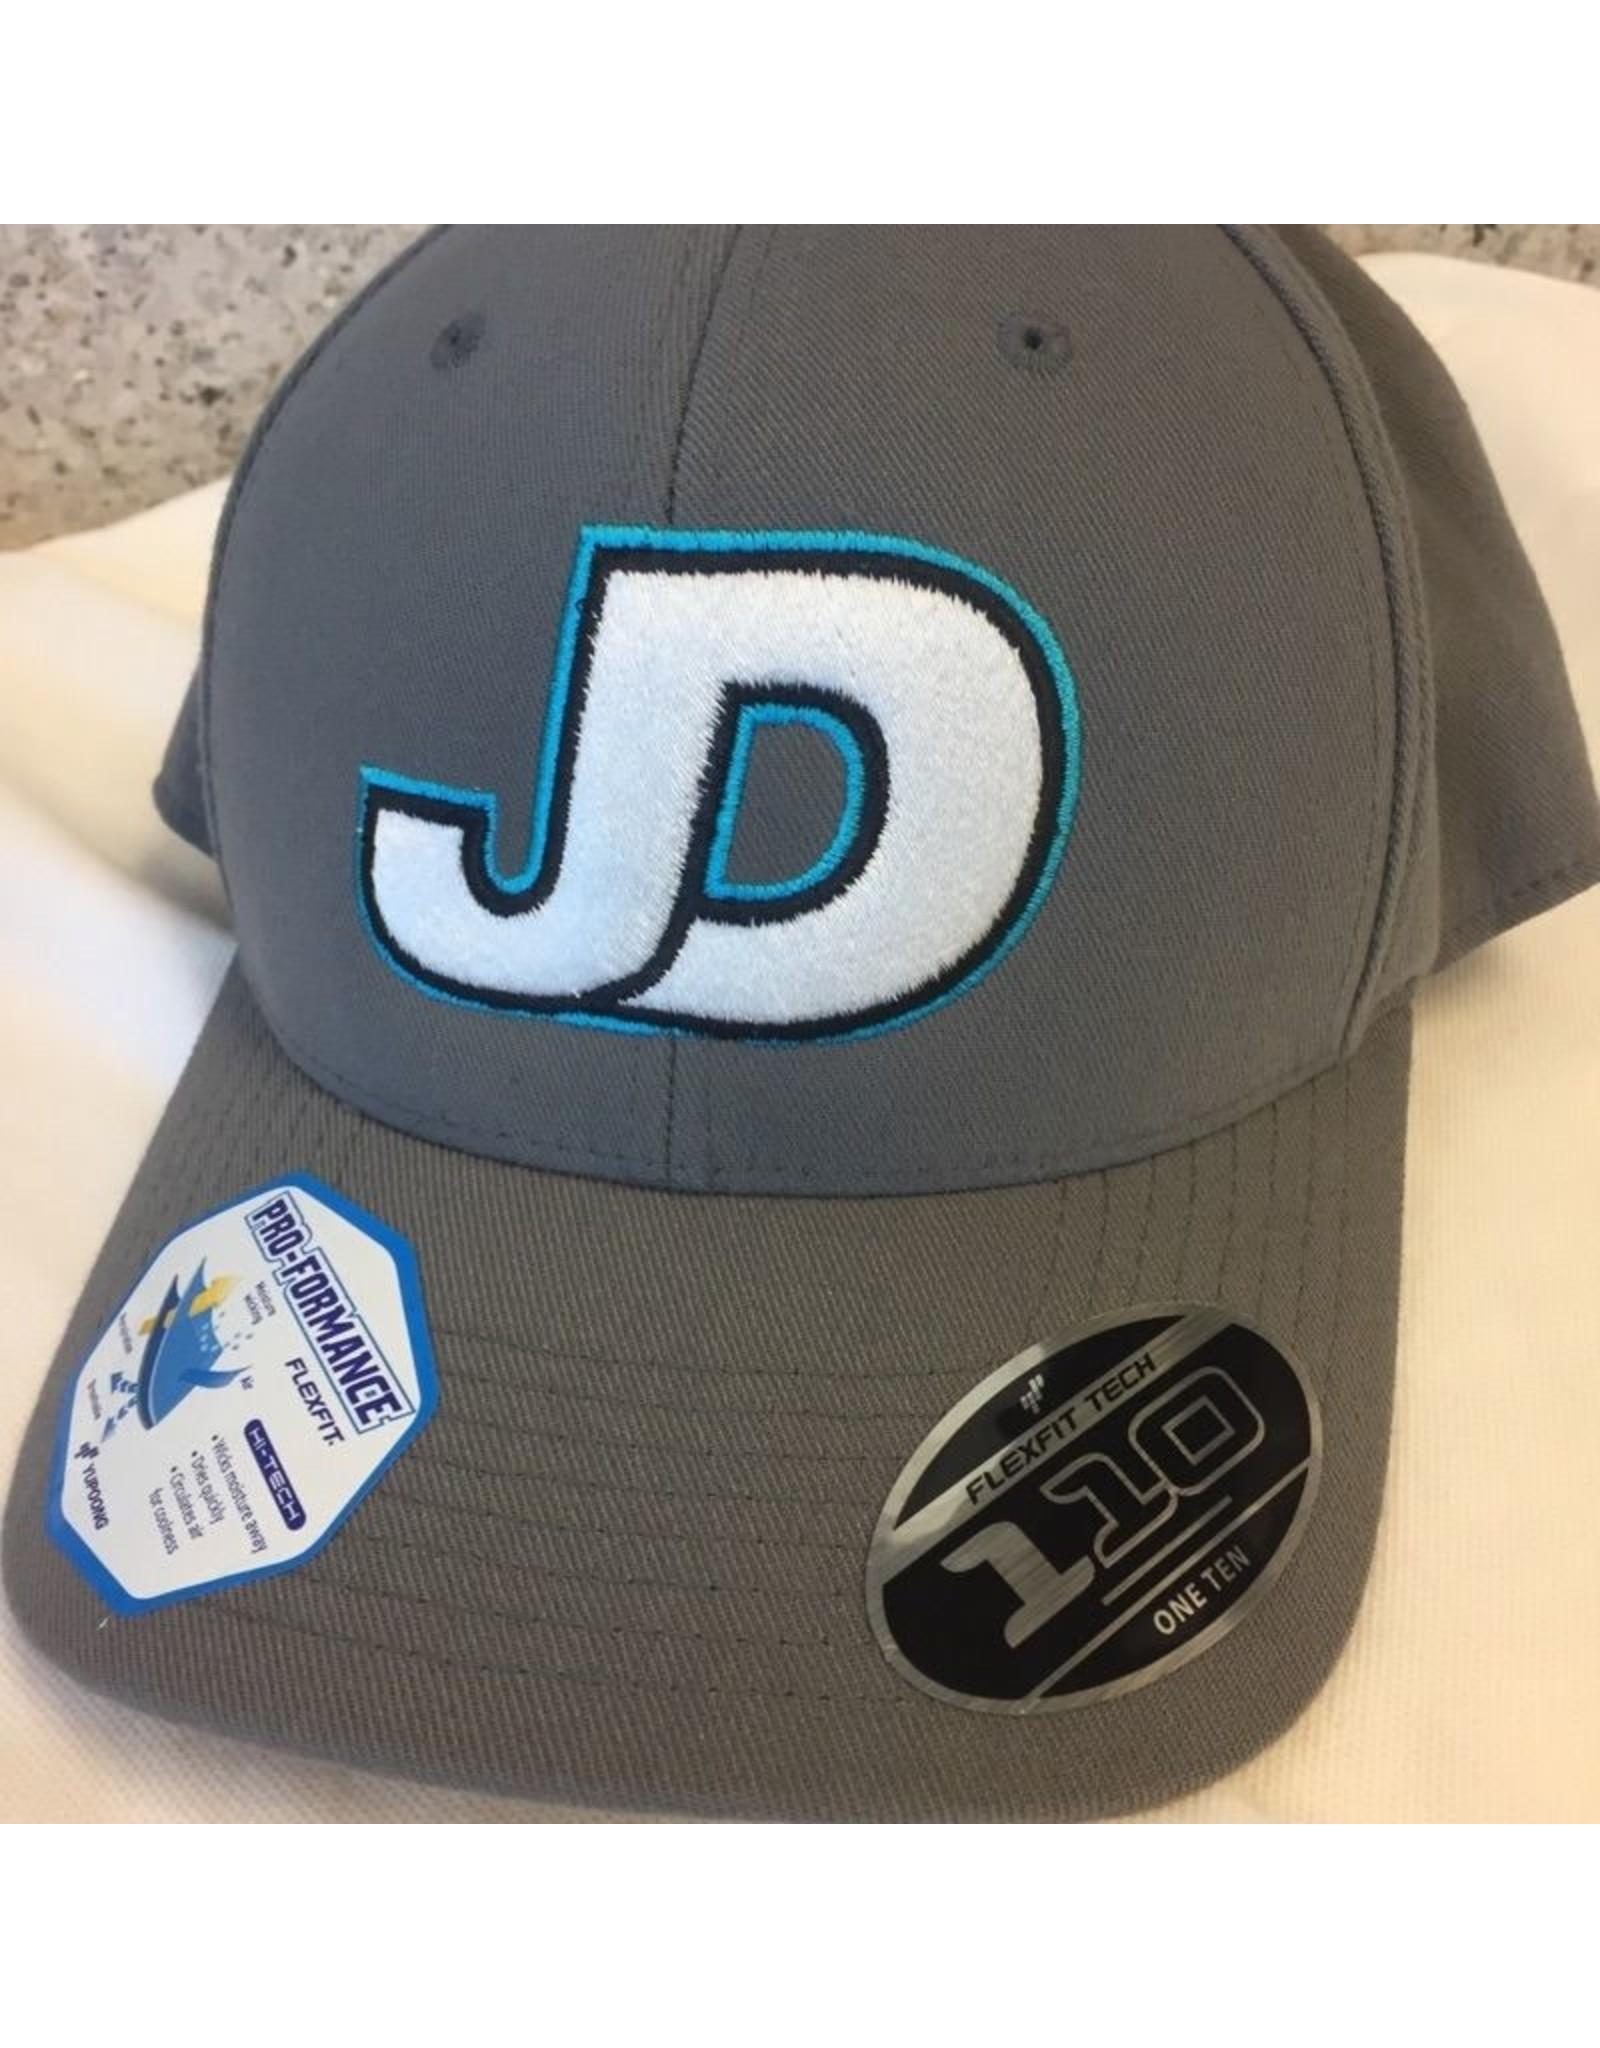 NON-UNIFORM JD Flexfit Adjustable JD logo front/eagle back